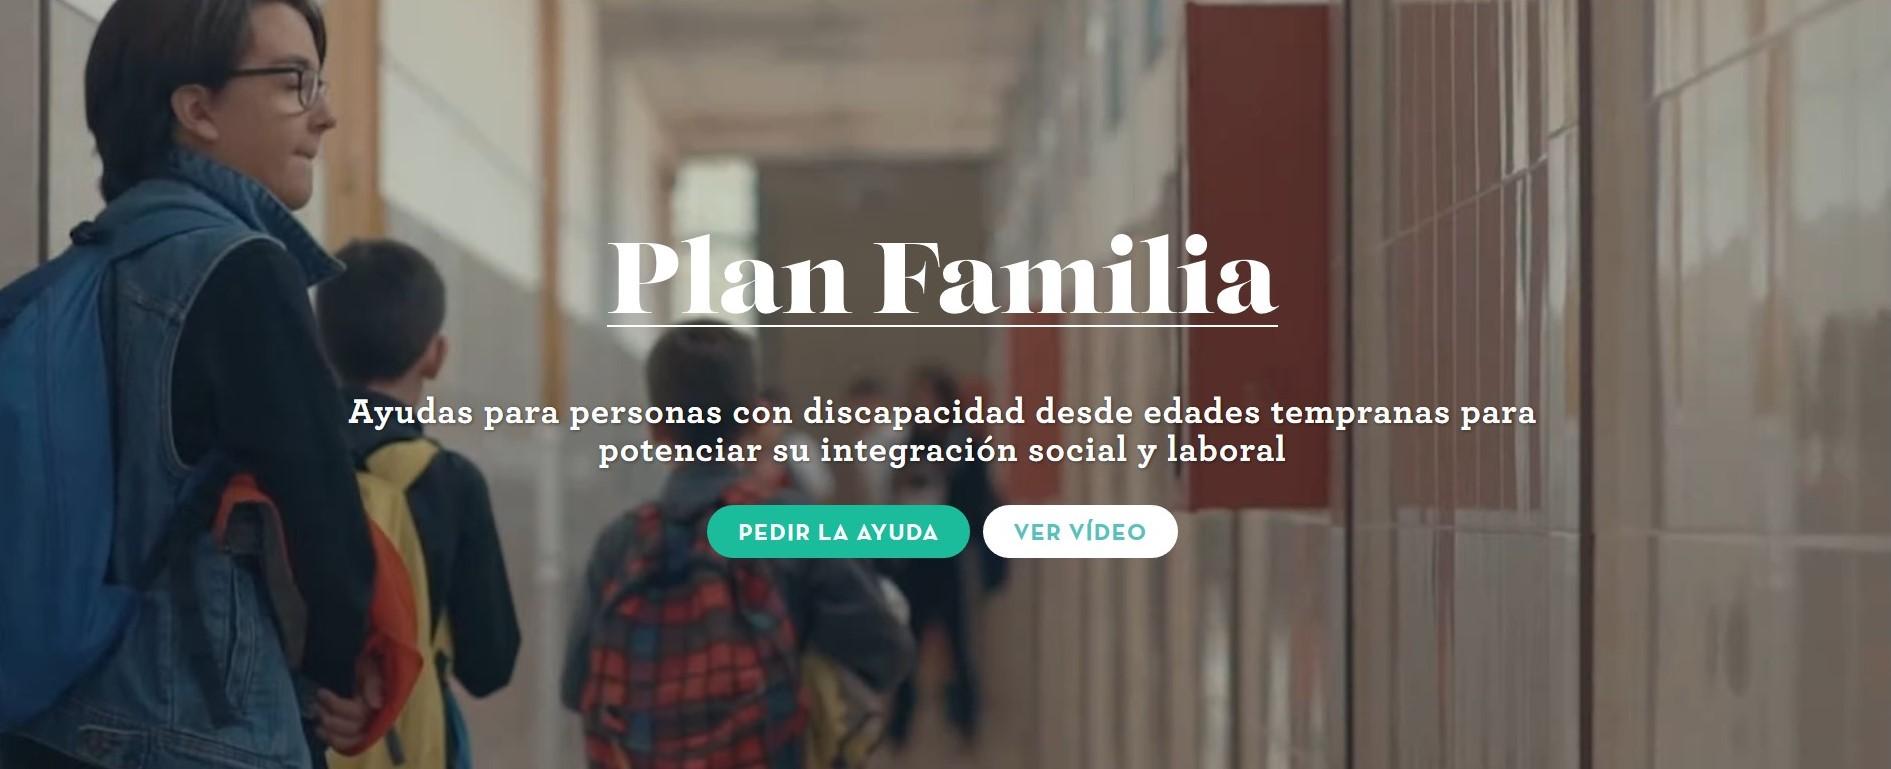 La Fundación Adecco abre la convocatoria Plan Familia 2019 para facilitar el acceso al empleo de personas con discapacidad